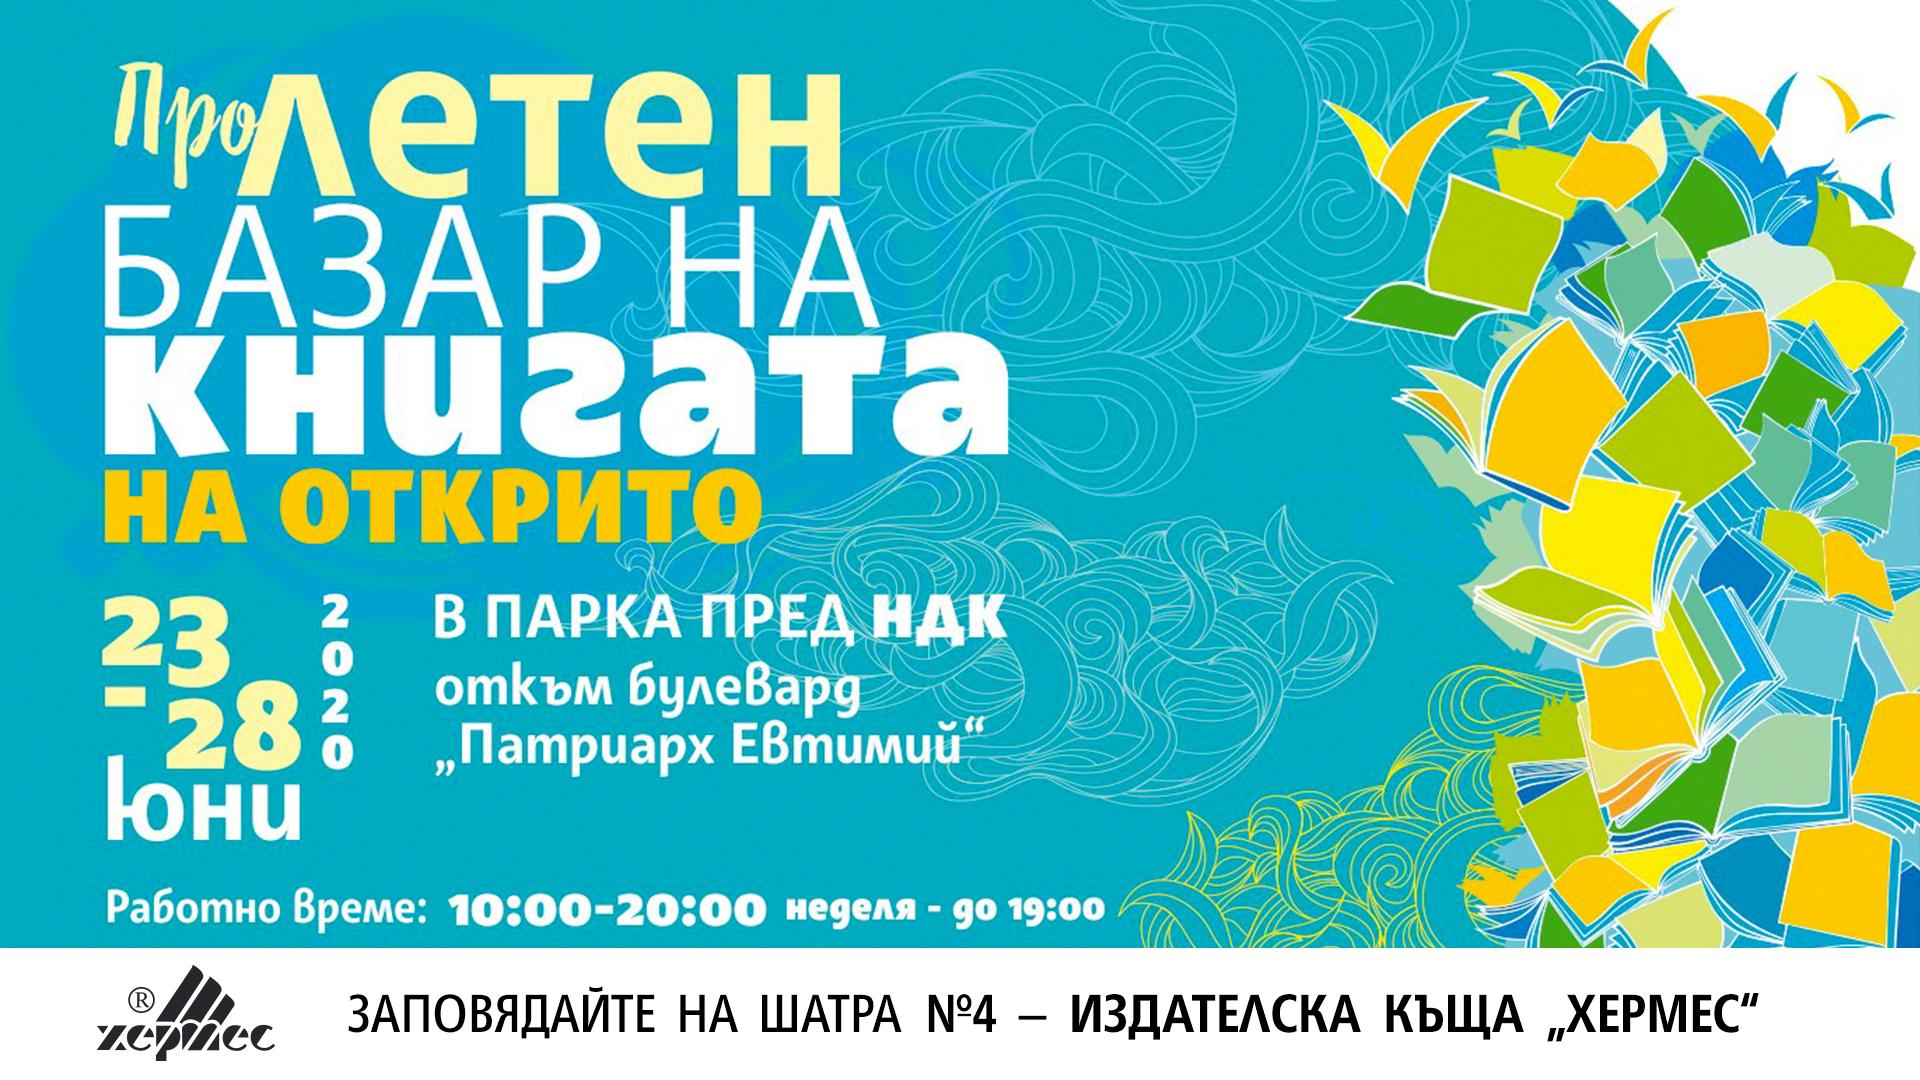 """Заповядайте на щанда на """"Хермес"""" на """"ПроЛетен базар на книгата"""" в София 2020!"""